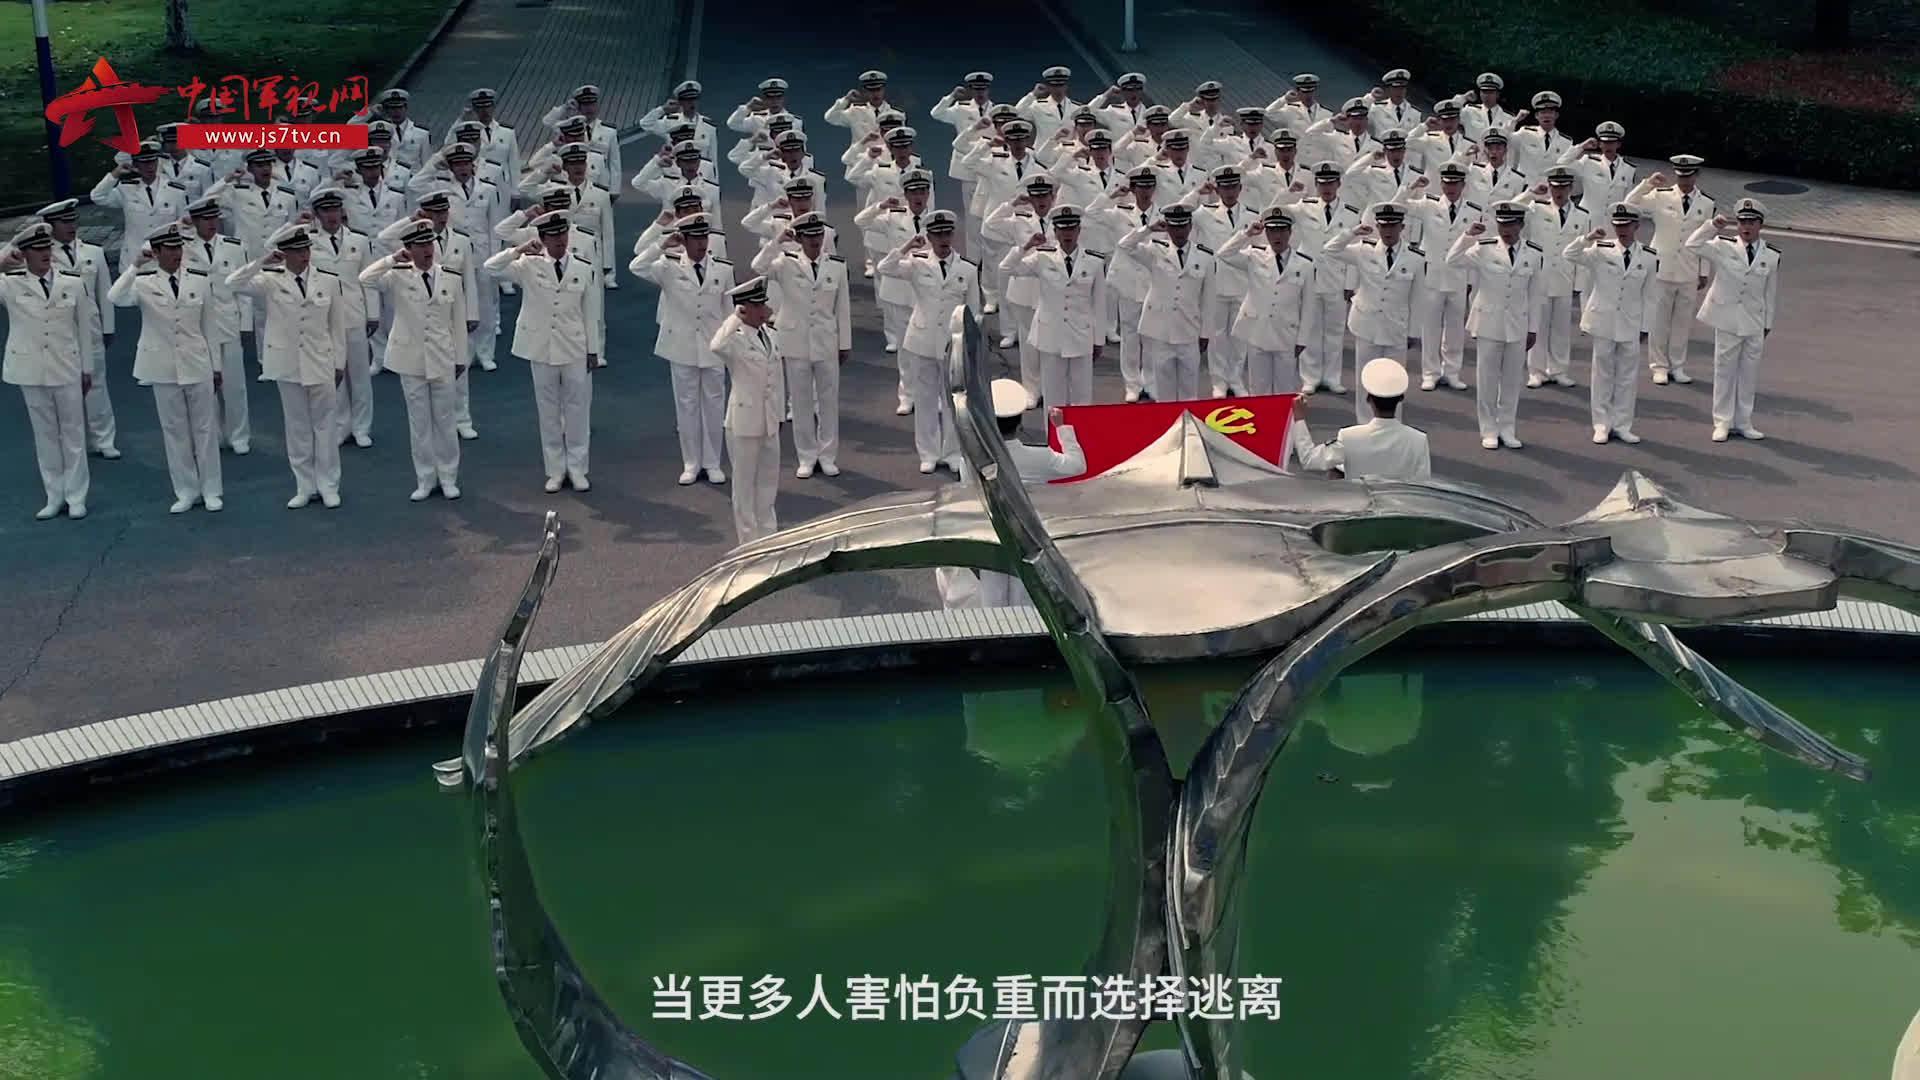 海军工程大学2020年招生宣传片系列之一发布!